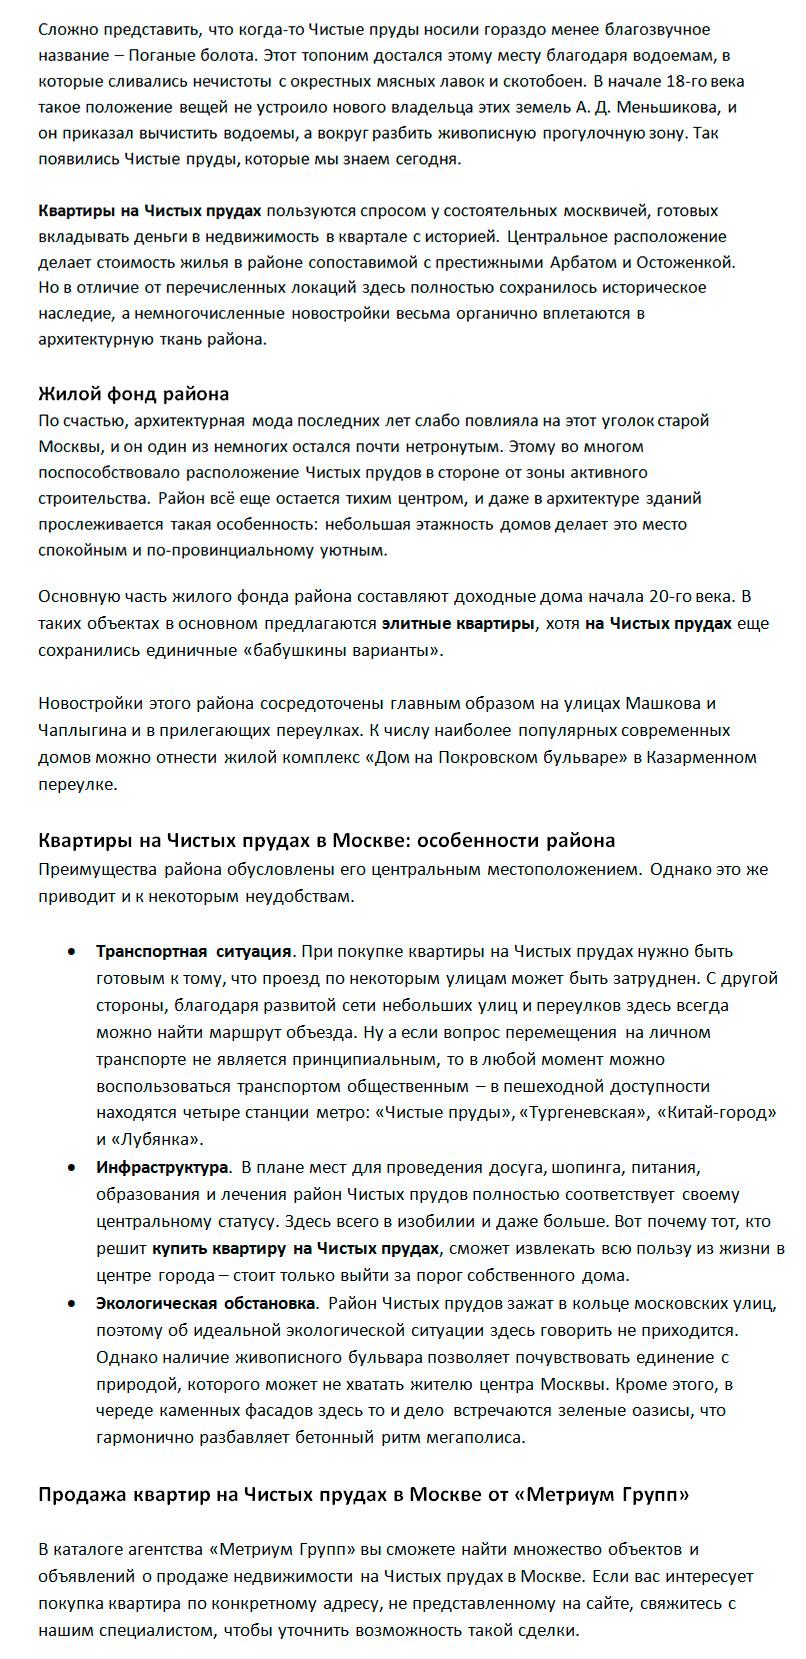 Сео-текст для компании, продающей элитную недвижимость в Москве